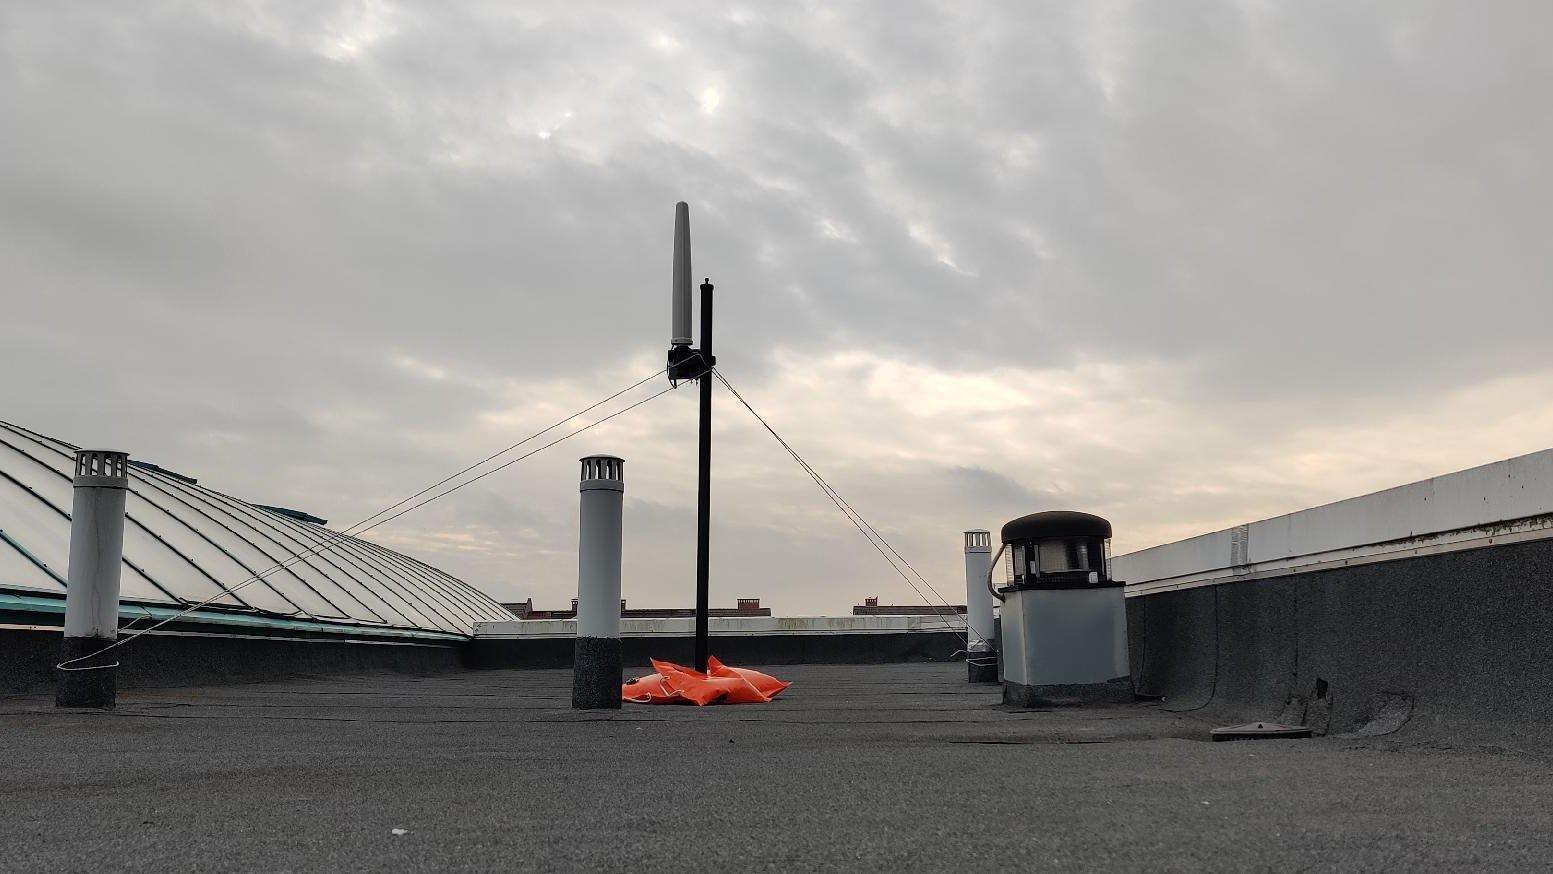 Zdjęcie przedstawia aparaturę do badania pól elektromagnetycznych umieszczoną na dachu budynku. - grafika artykułu